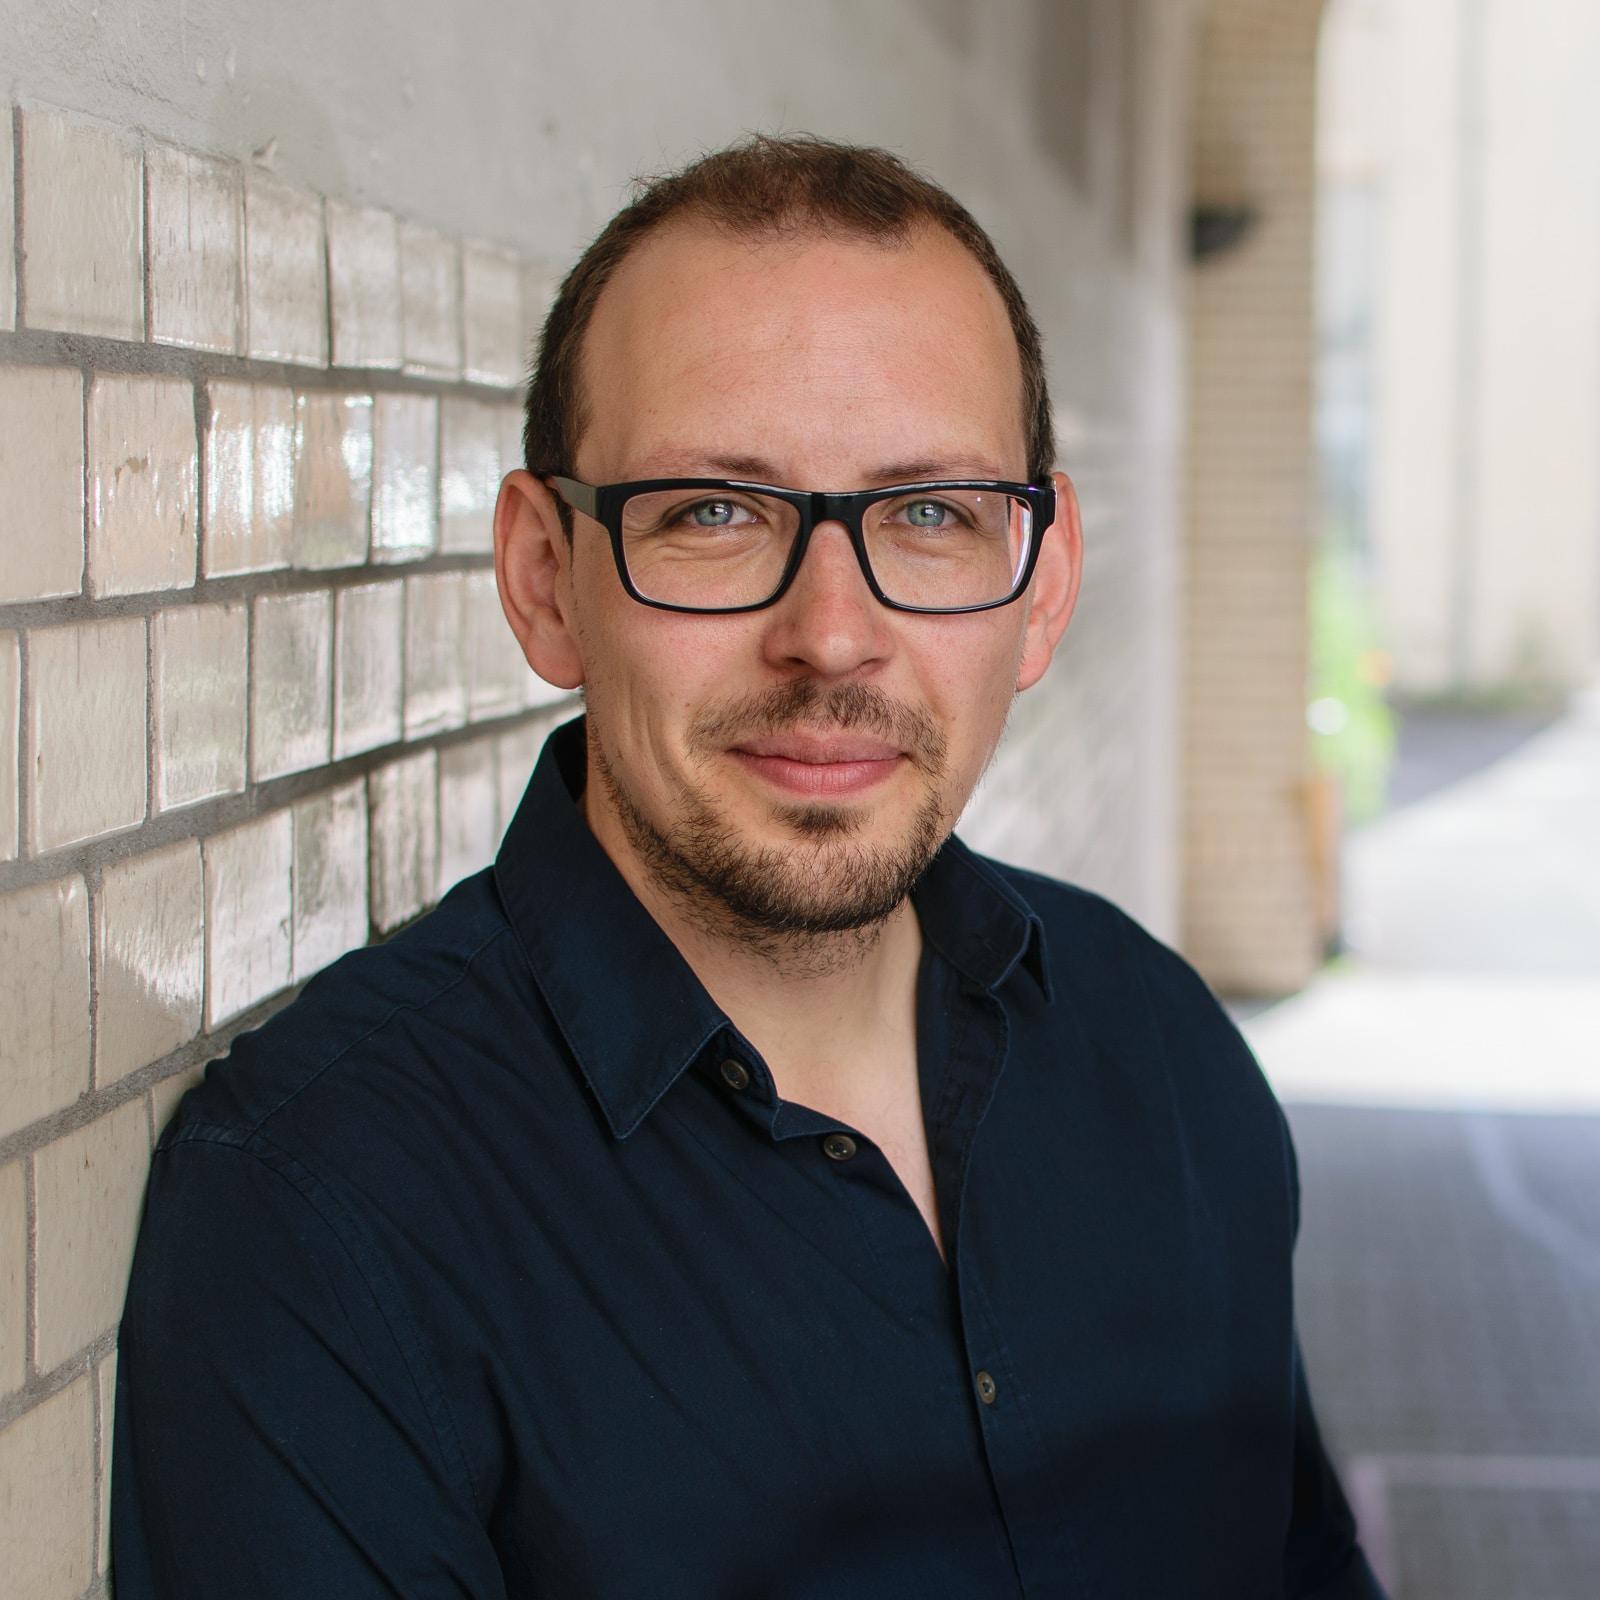 David Paschke